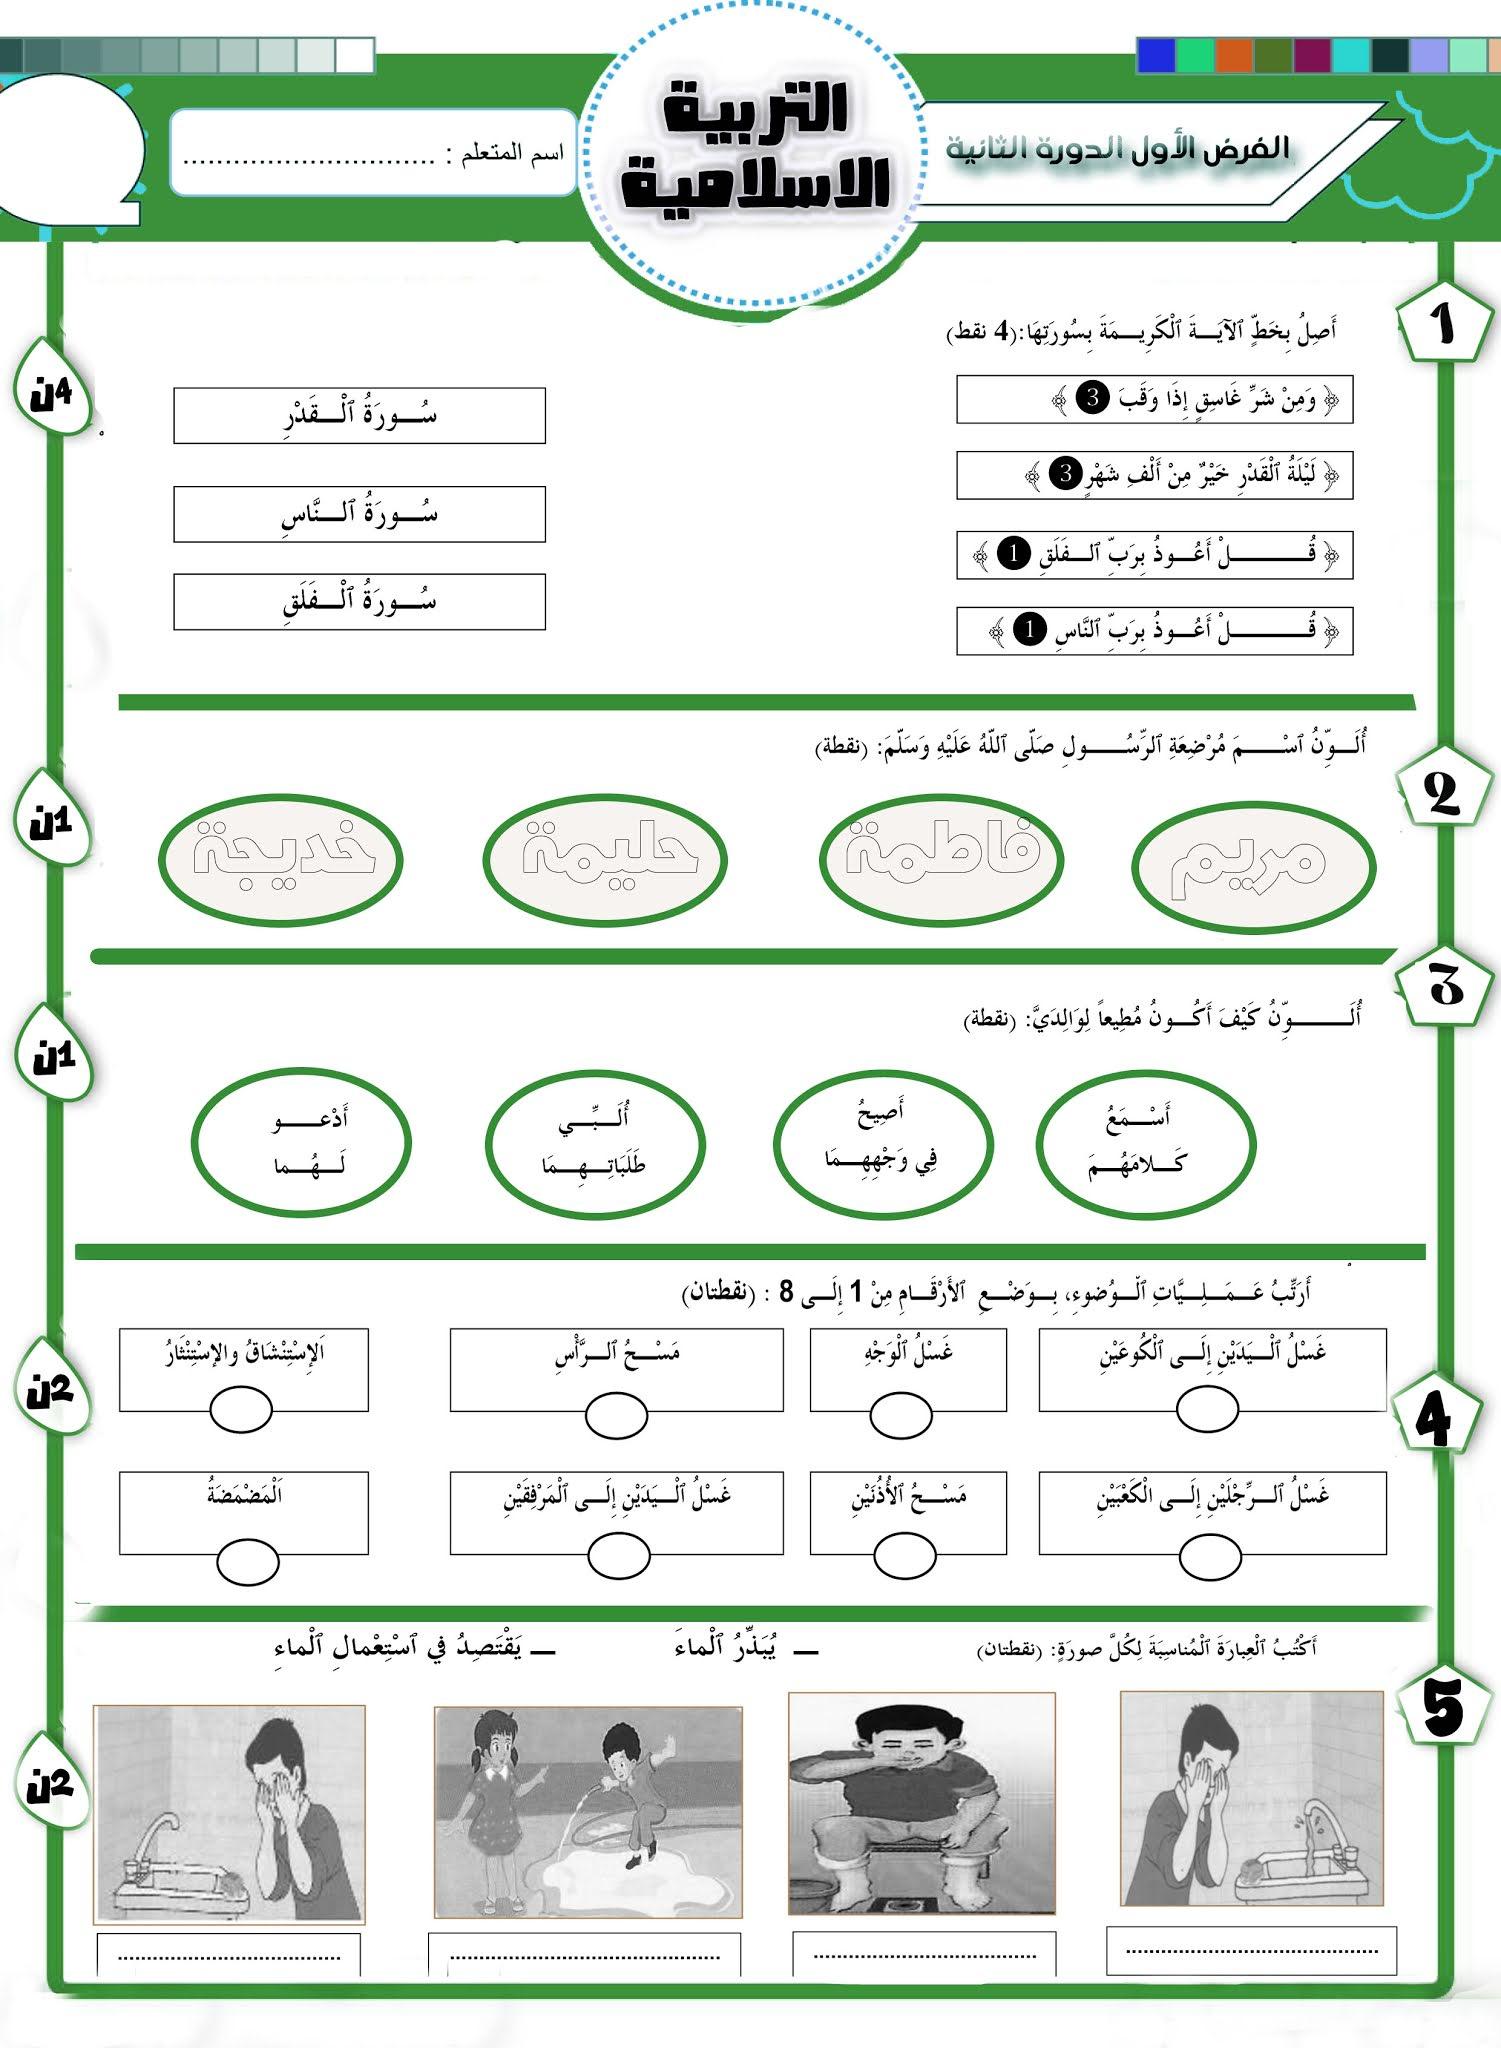 الفرض الأول الدورة الثانية التربية الإسلامية المستوى الأول 2021 وفق المنهاج المنقح